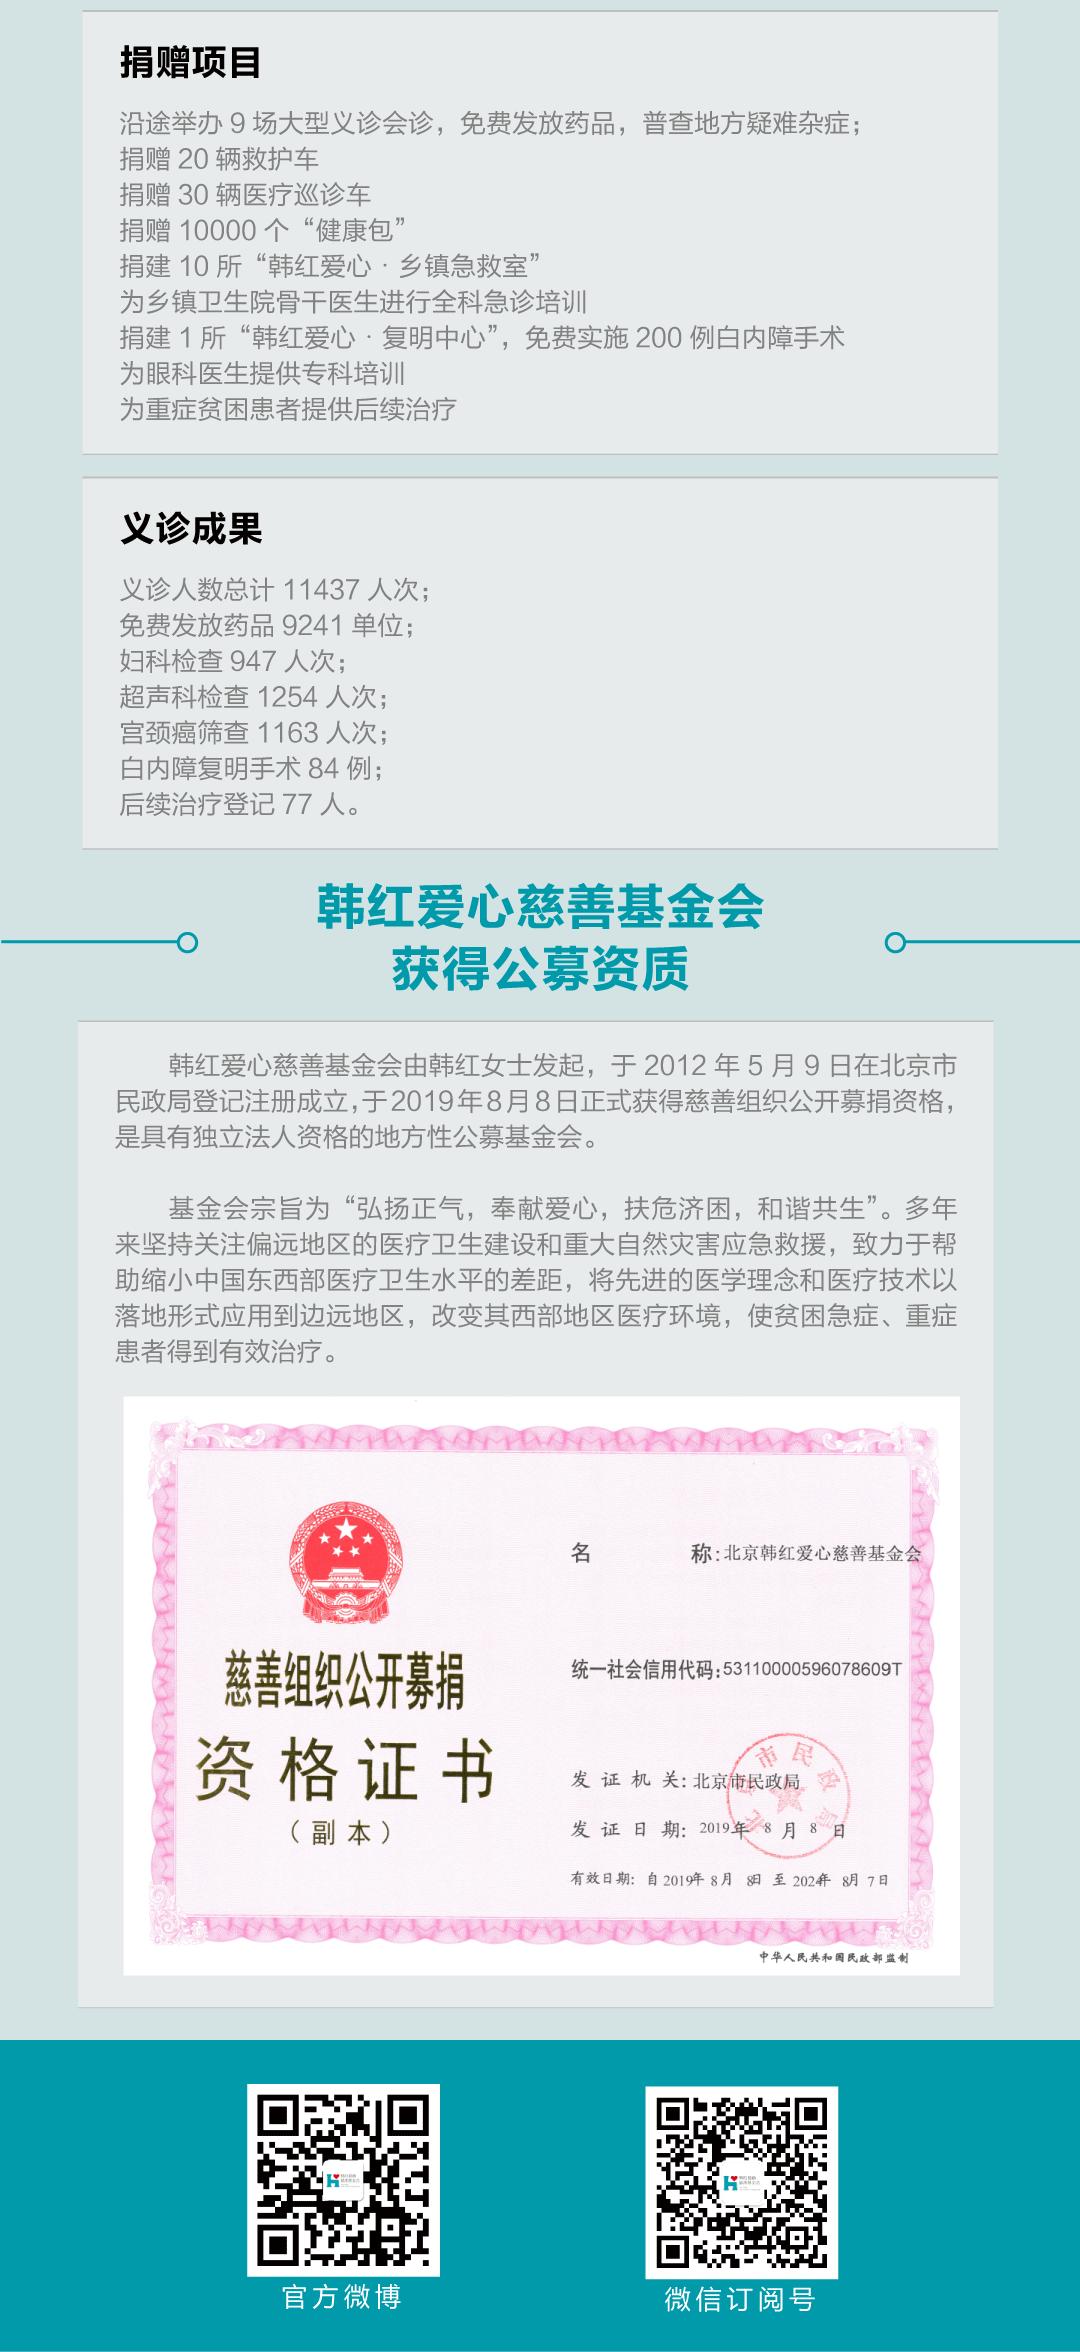 8月份月报_02.png